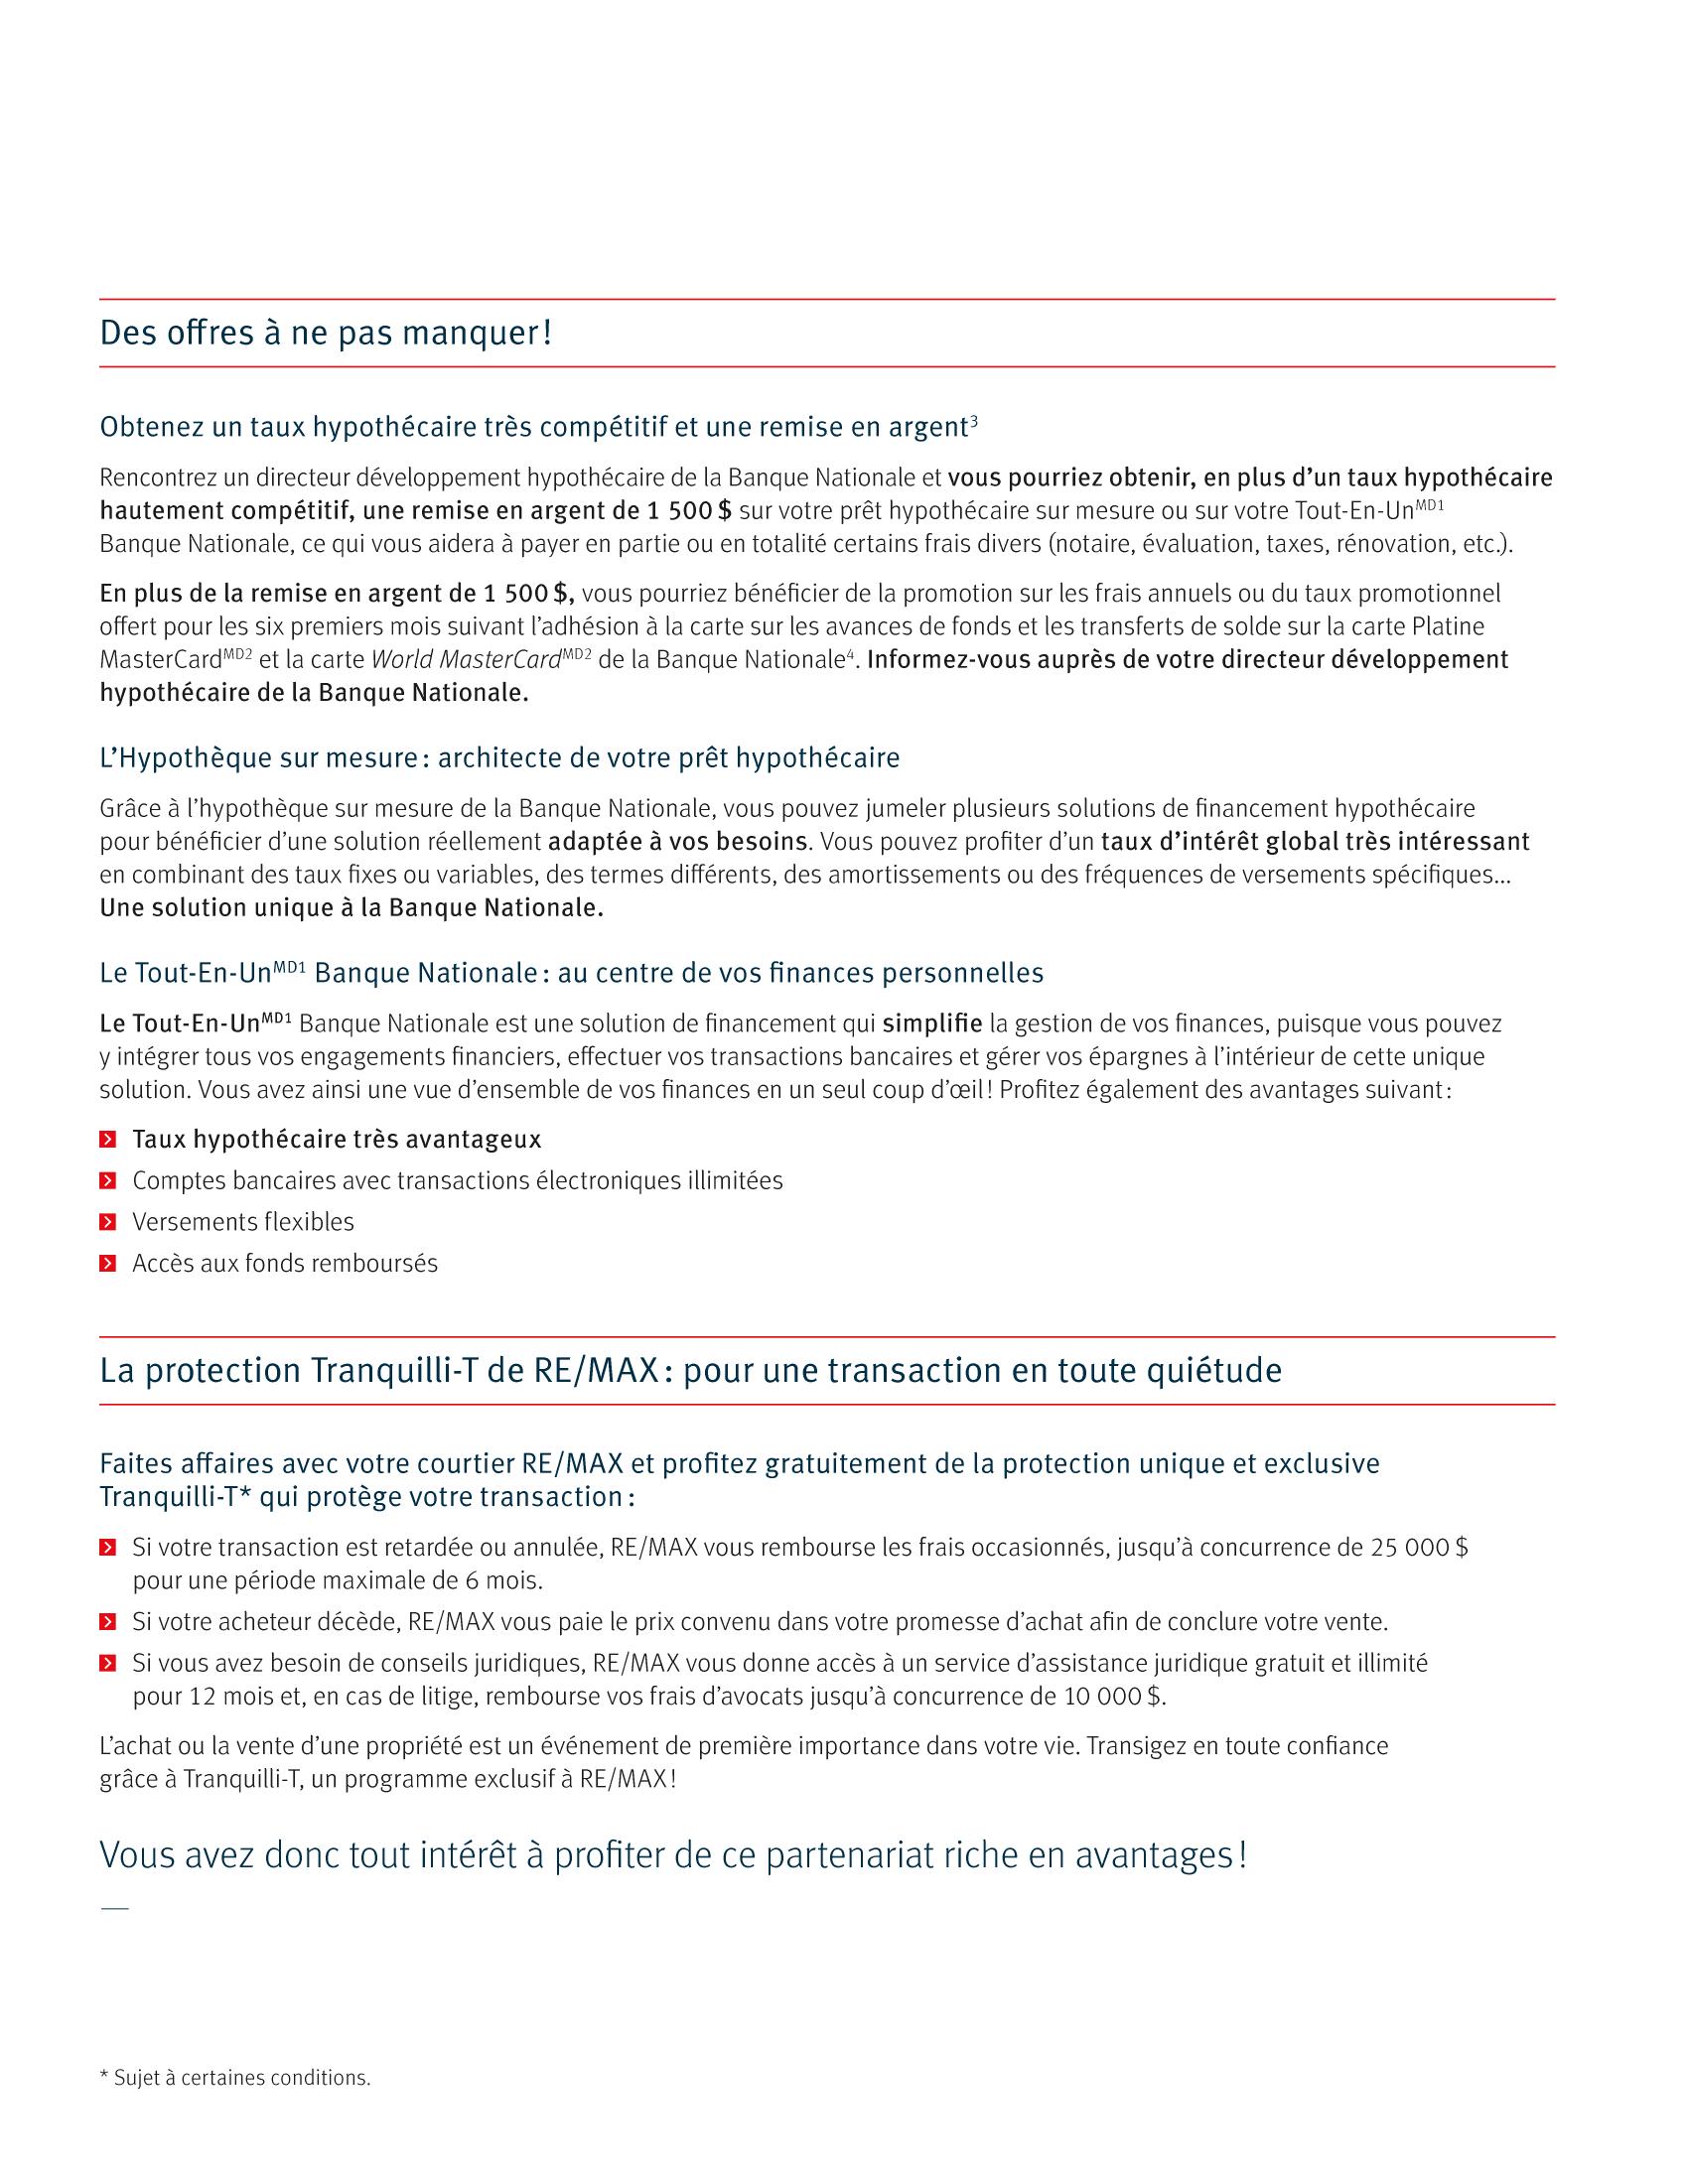 3 | Dépliant « Un partenariat riche en avantages » - RE/MAX Tranquili-t